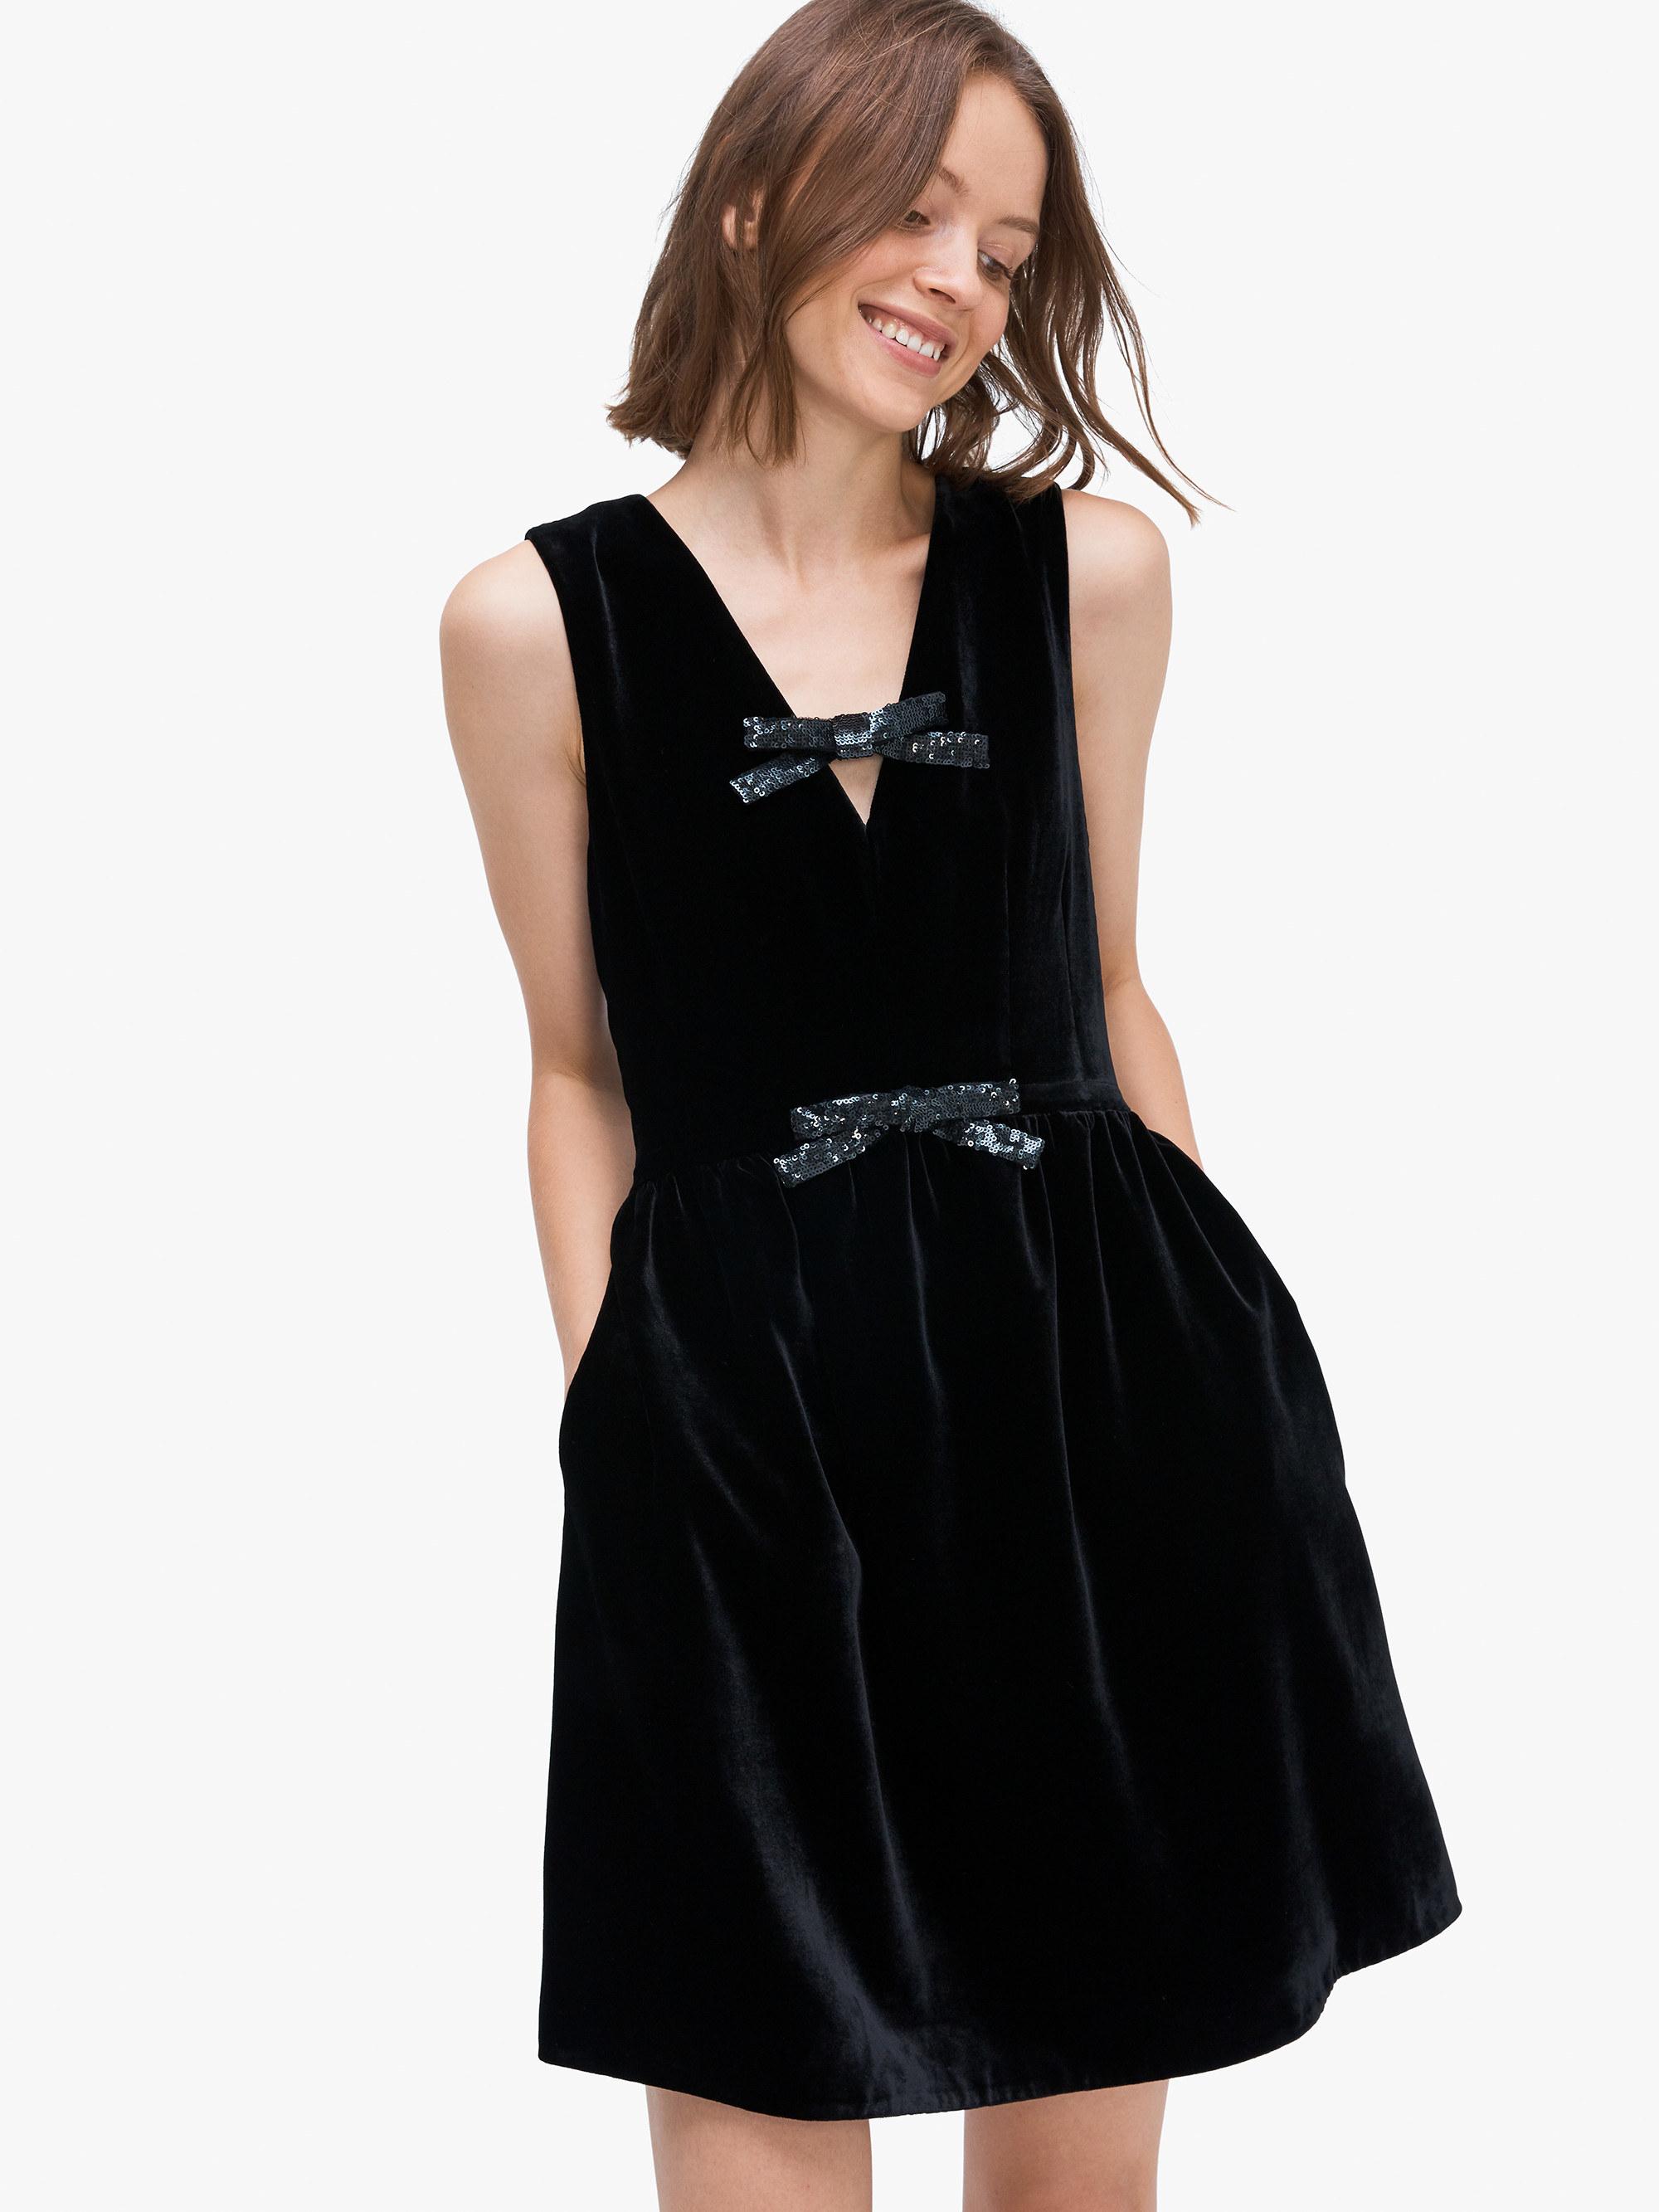 A model wearing the black dress